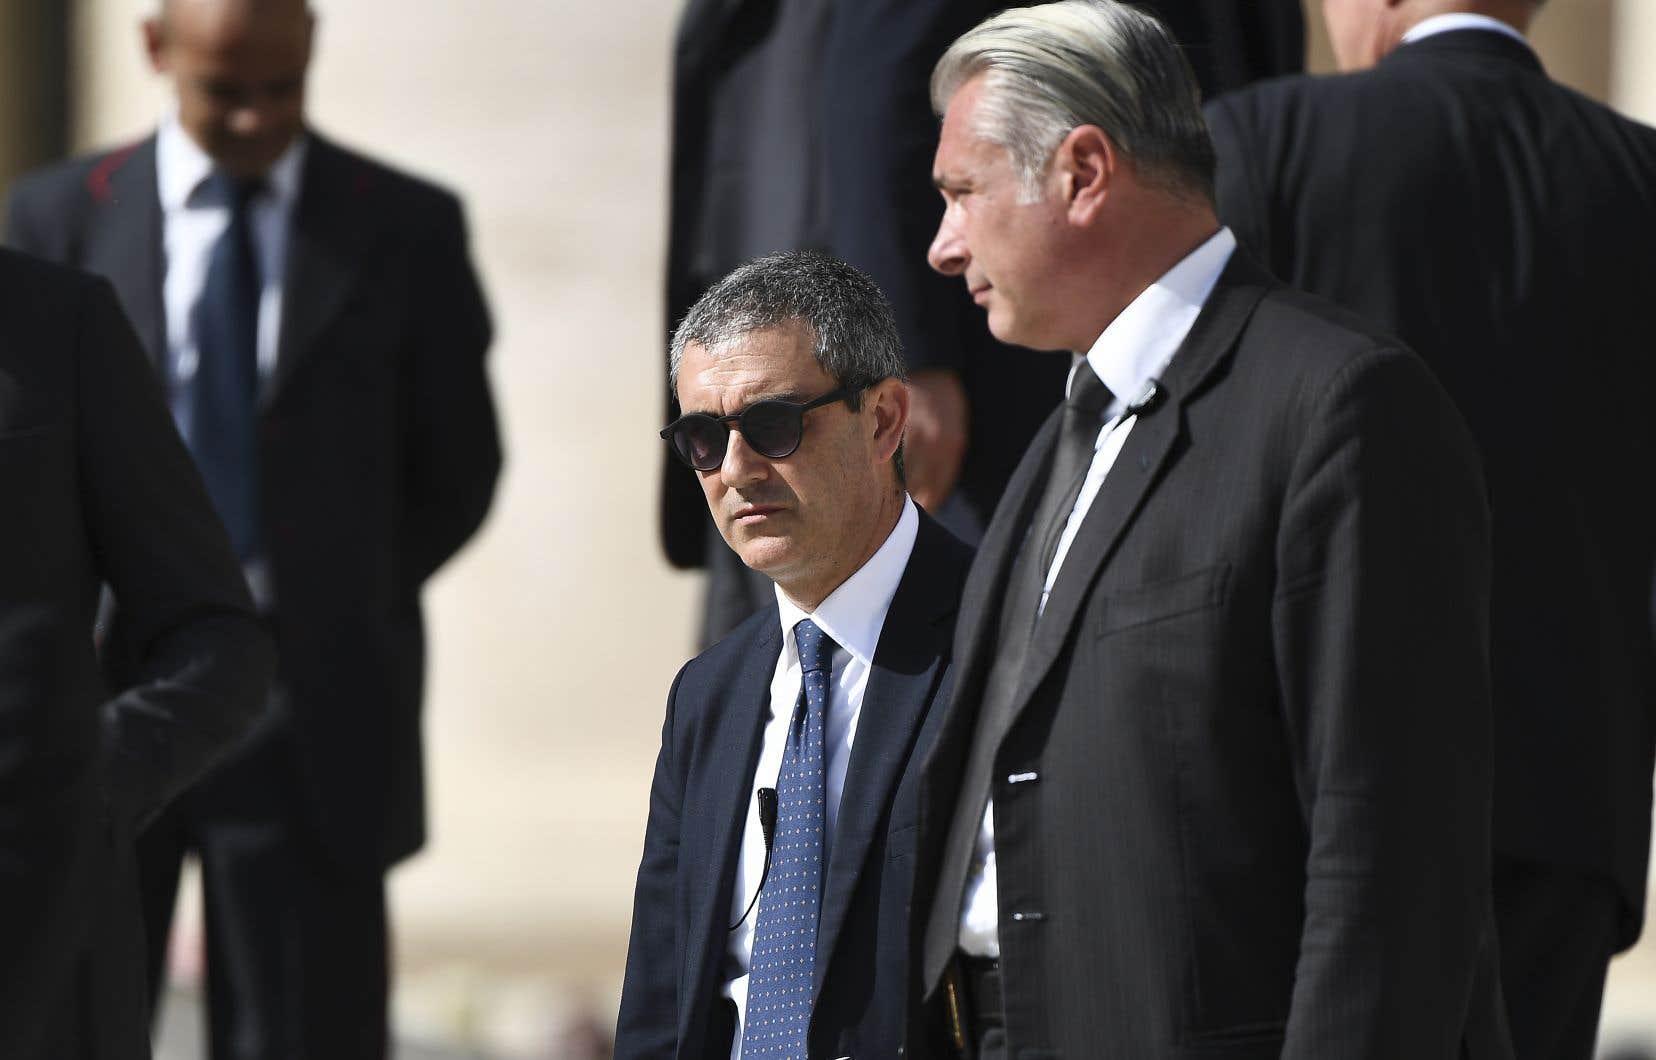 Embarrassé, le pape François s'est séparé lundi de son garde du corps et chef de la gendarmerie vaticane, Domenico Giani, remplacé par Gianluca Gauzzi Broccoletti (à gauche).